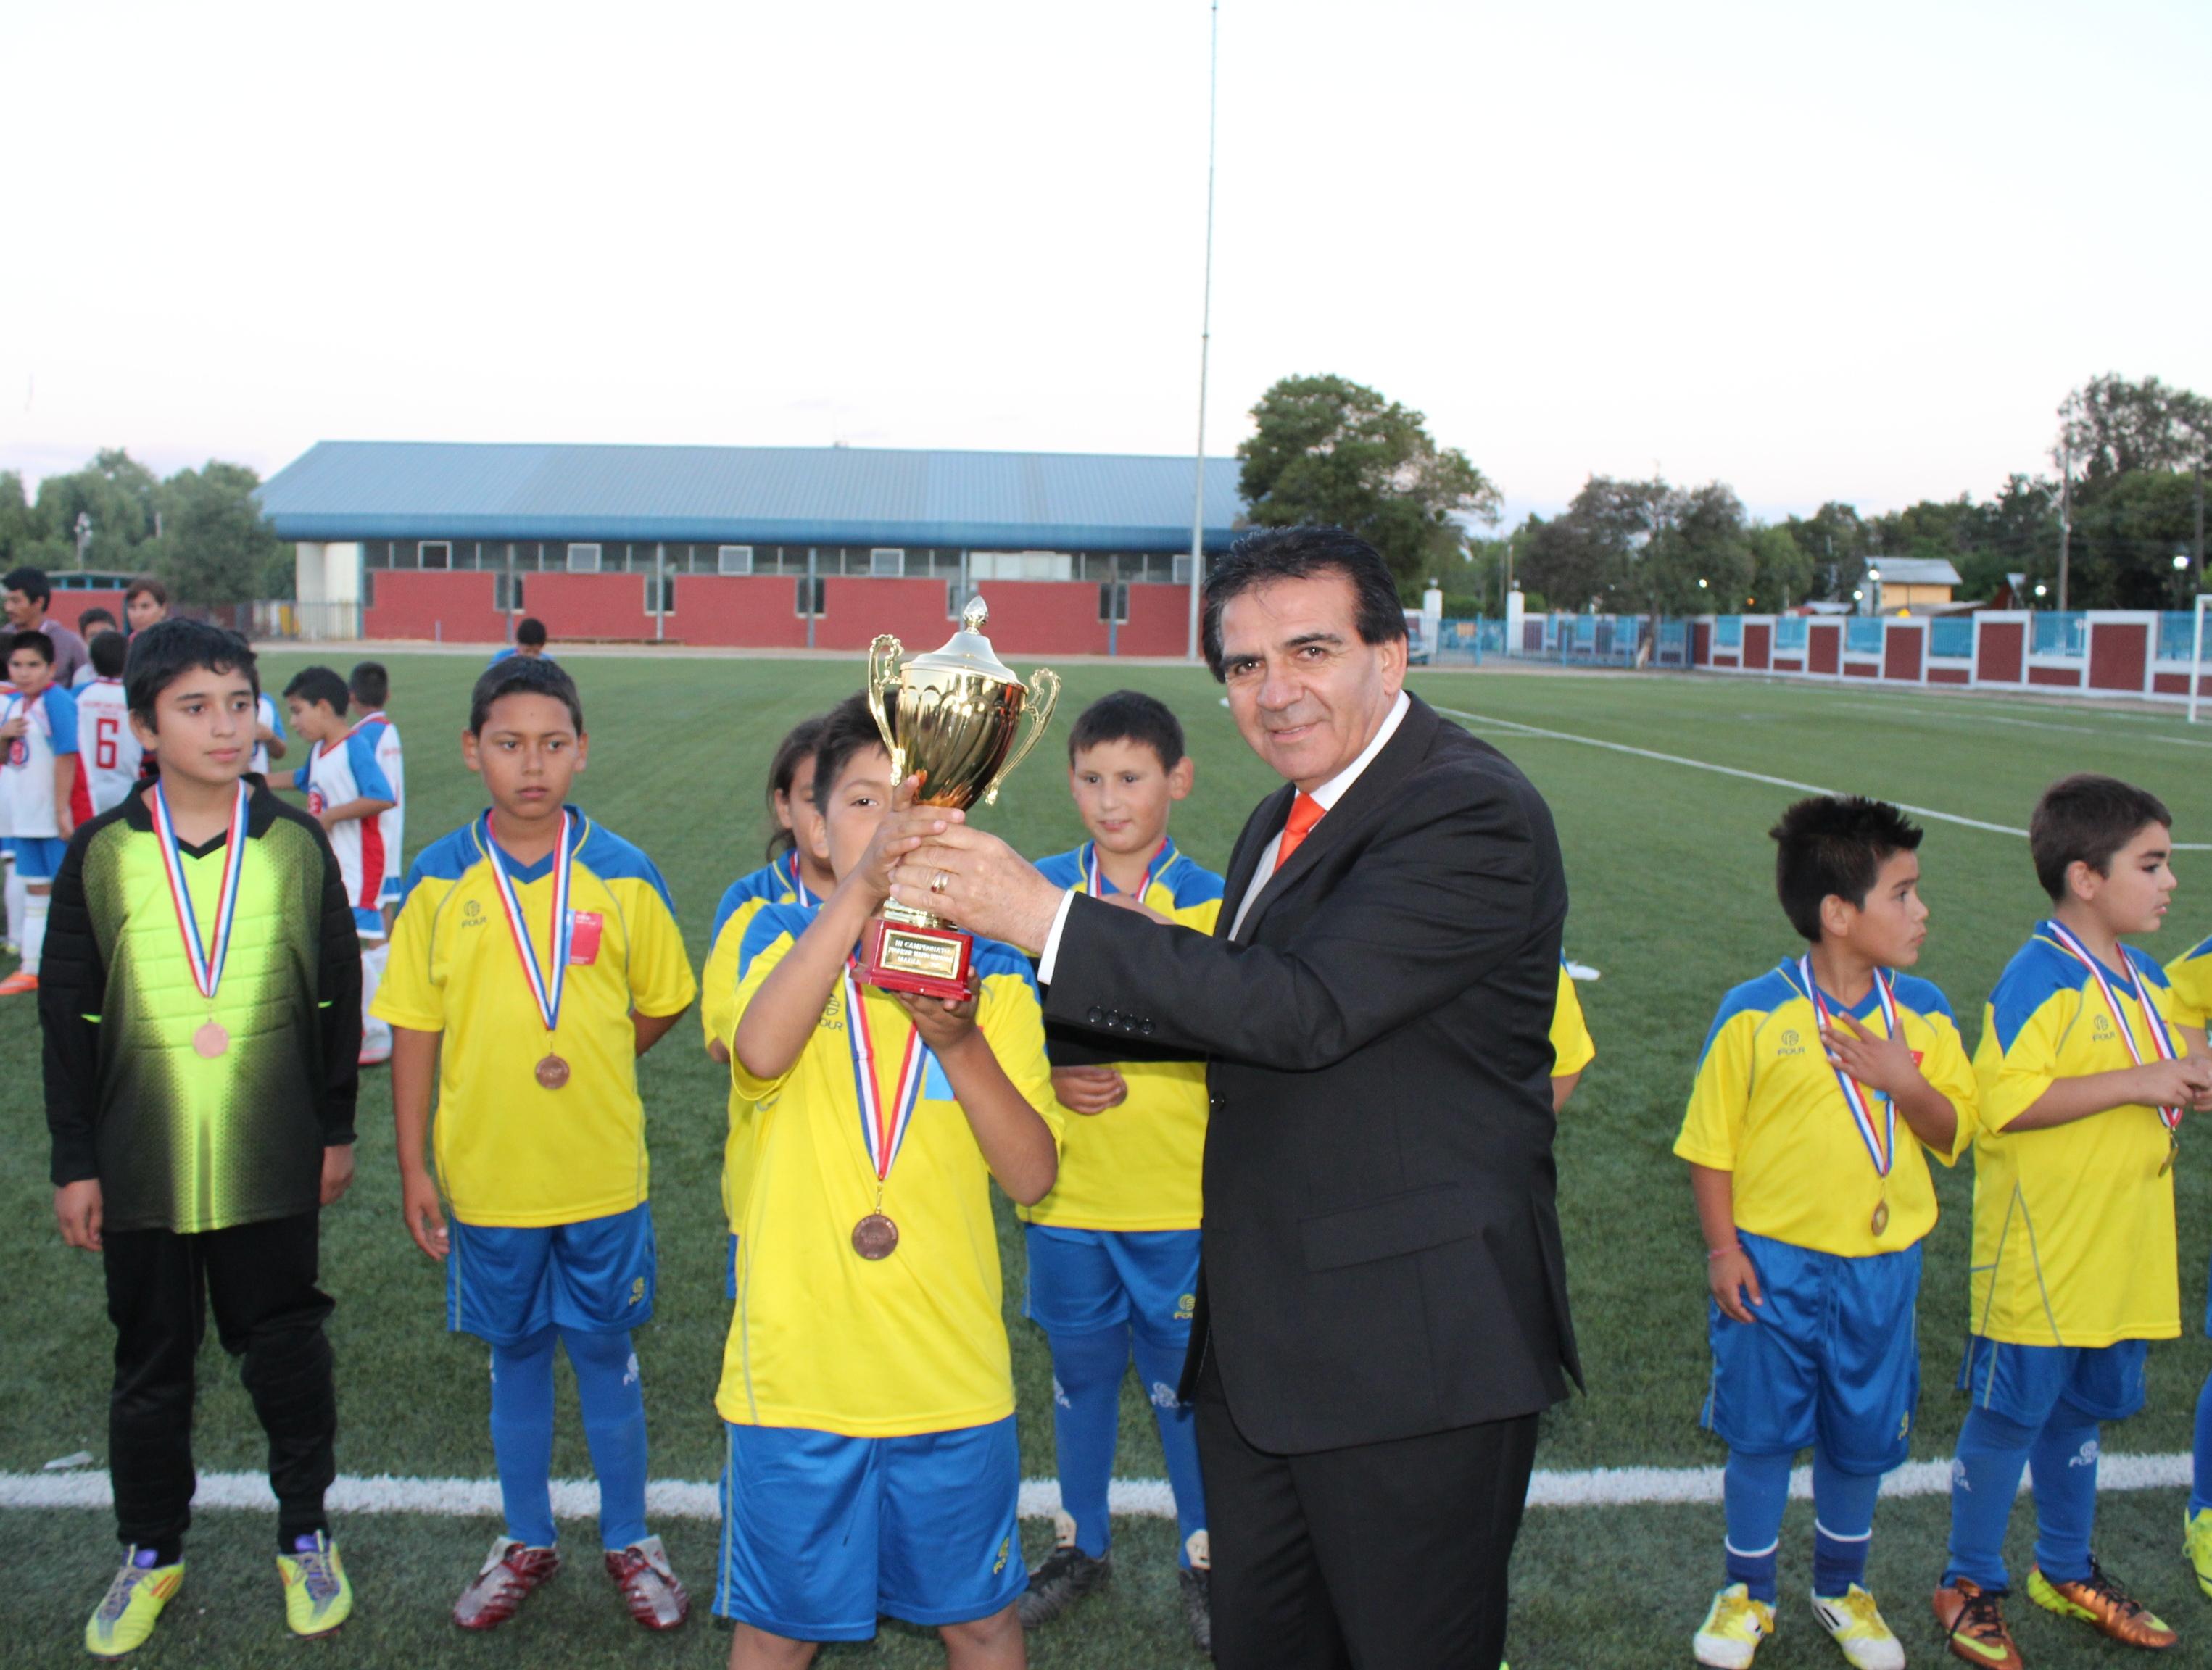 Colegio Suyai se proclamó campeón del torneo Mario Miranda 2015